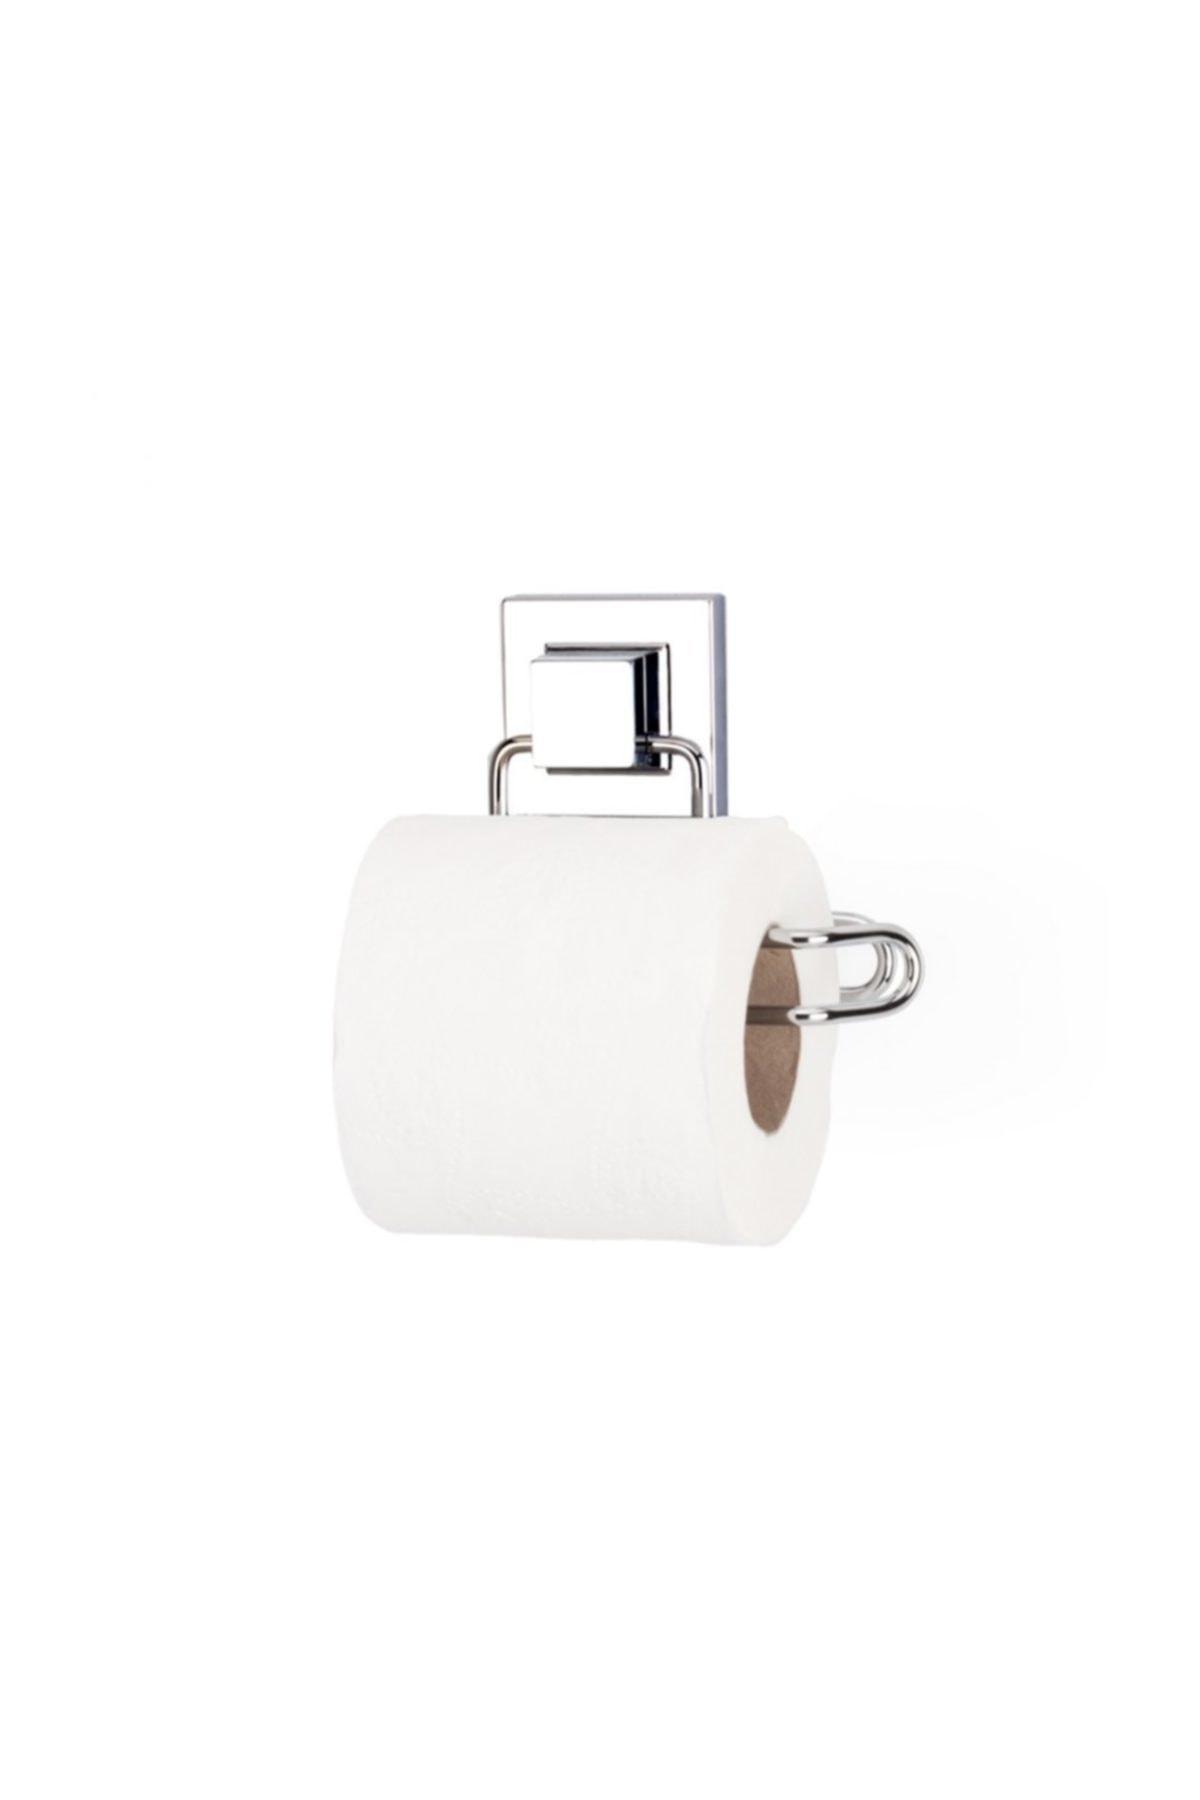 Banyo Tuvalet Kağıdı Askısı Paslanmaz Krom Yapışkanlı Easyfix